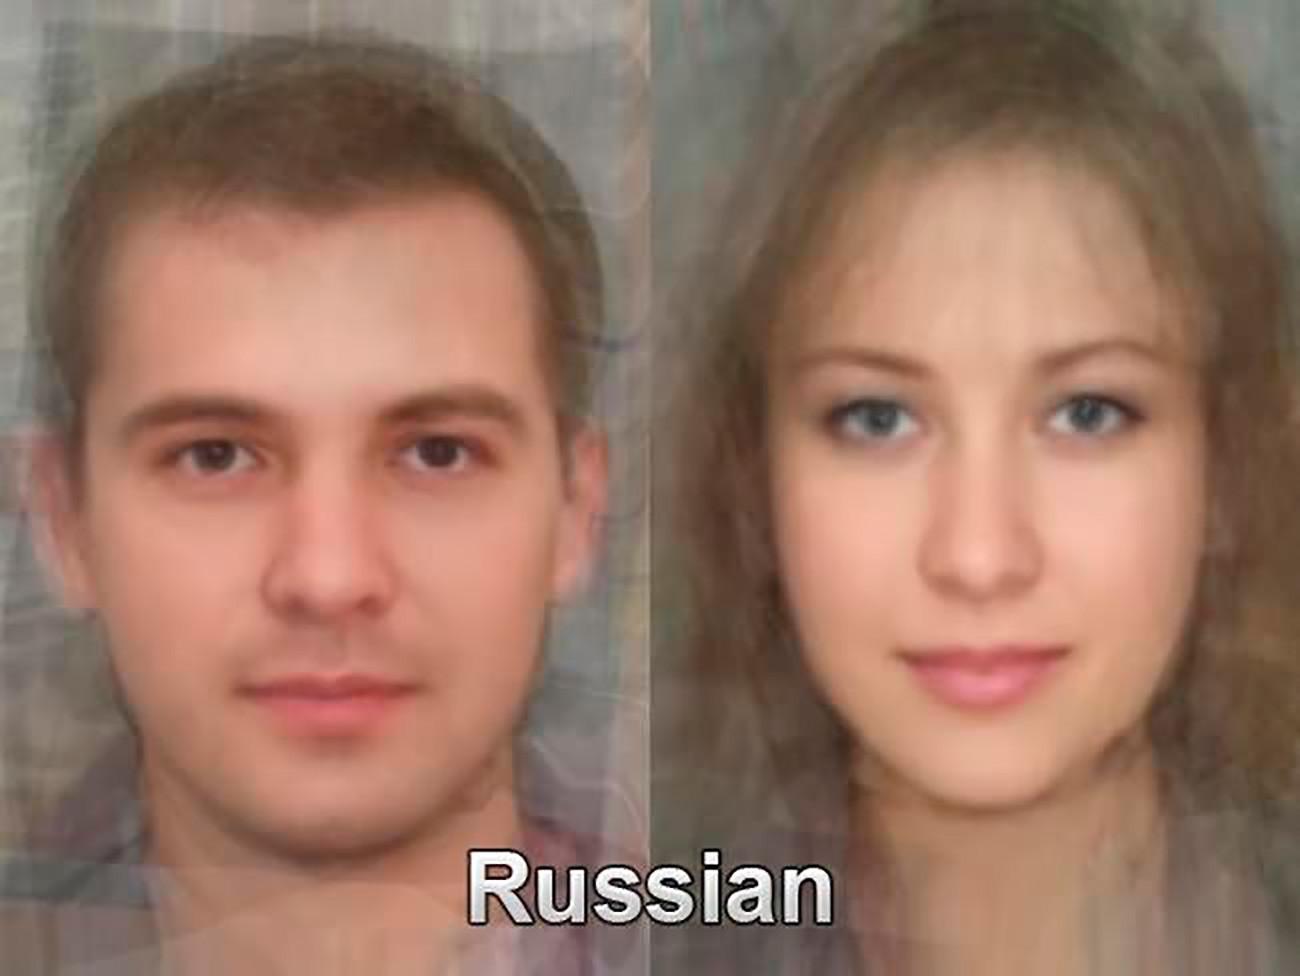 ロシア人女性が最も美しい3つの理由 - ロシア・ビヨンド